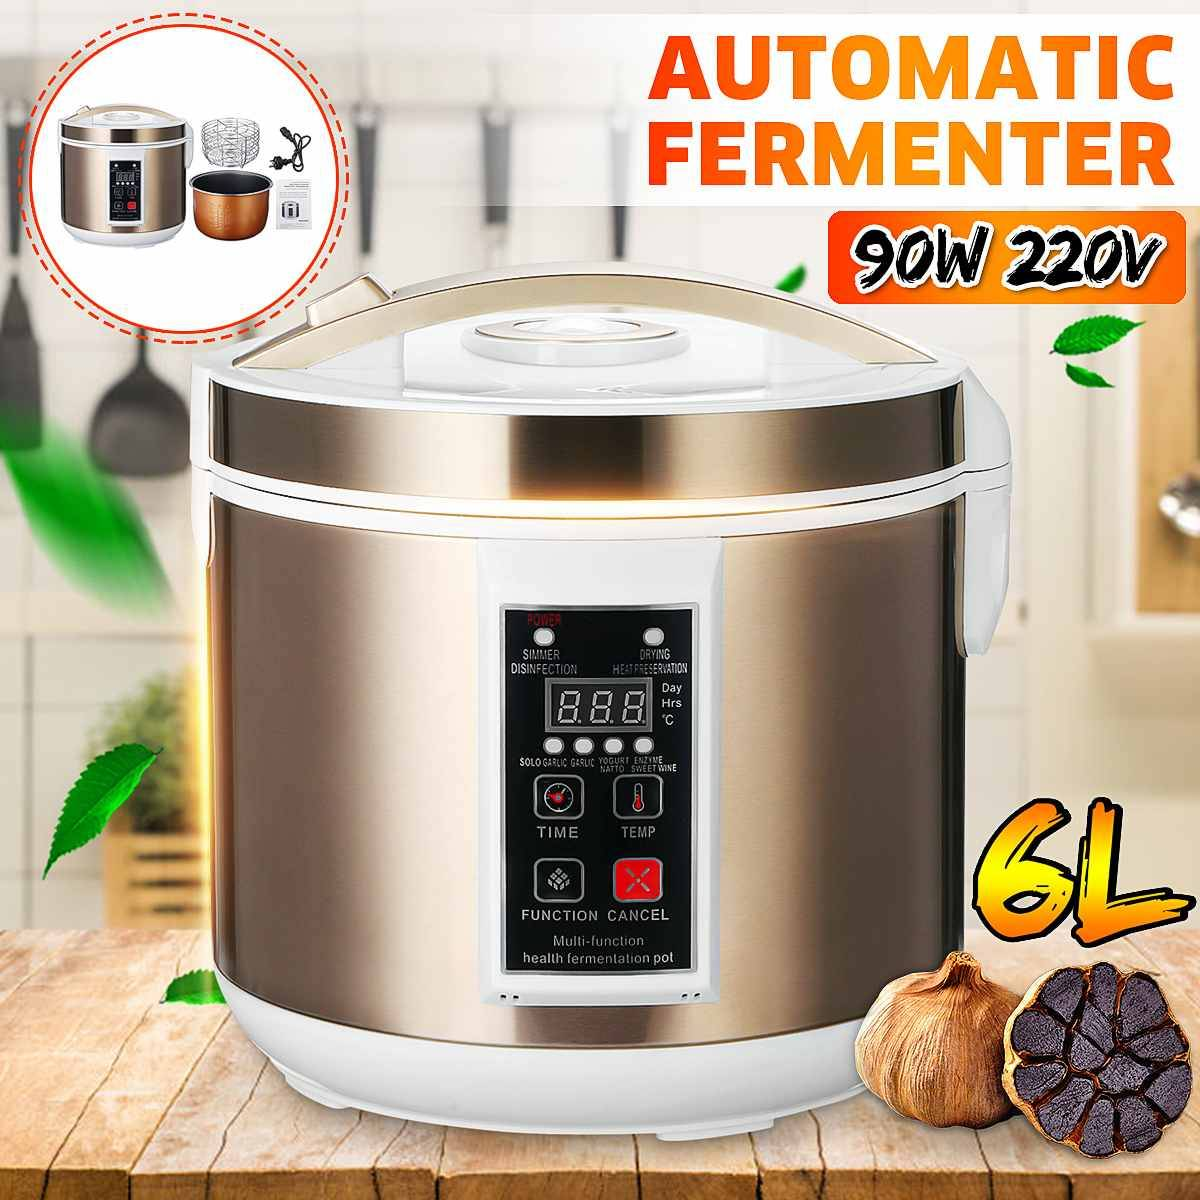 AliExpress Fermenteur automatique à l'ail noir, Machine à yaourt, contrôle bricolage DIY, 6L 220V